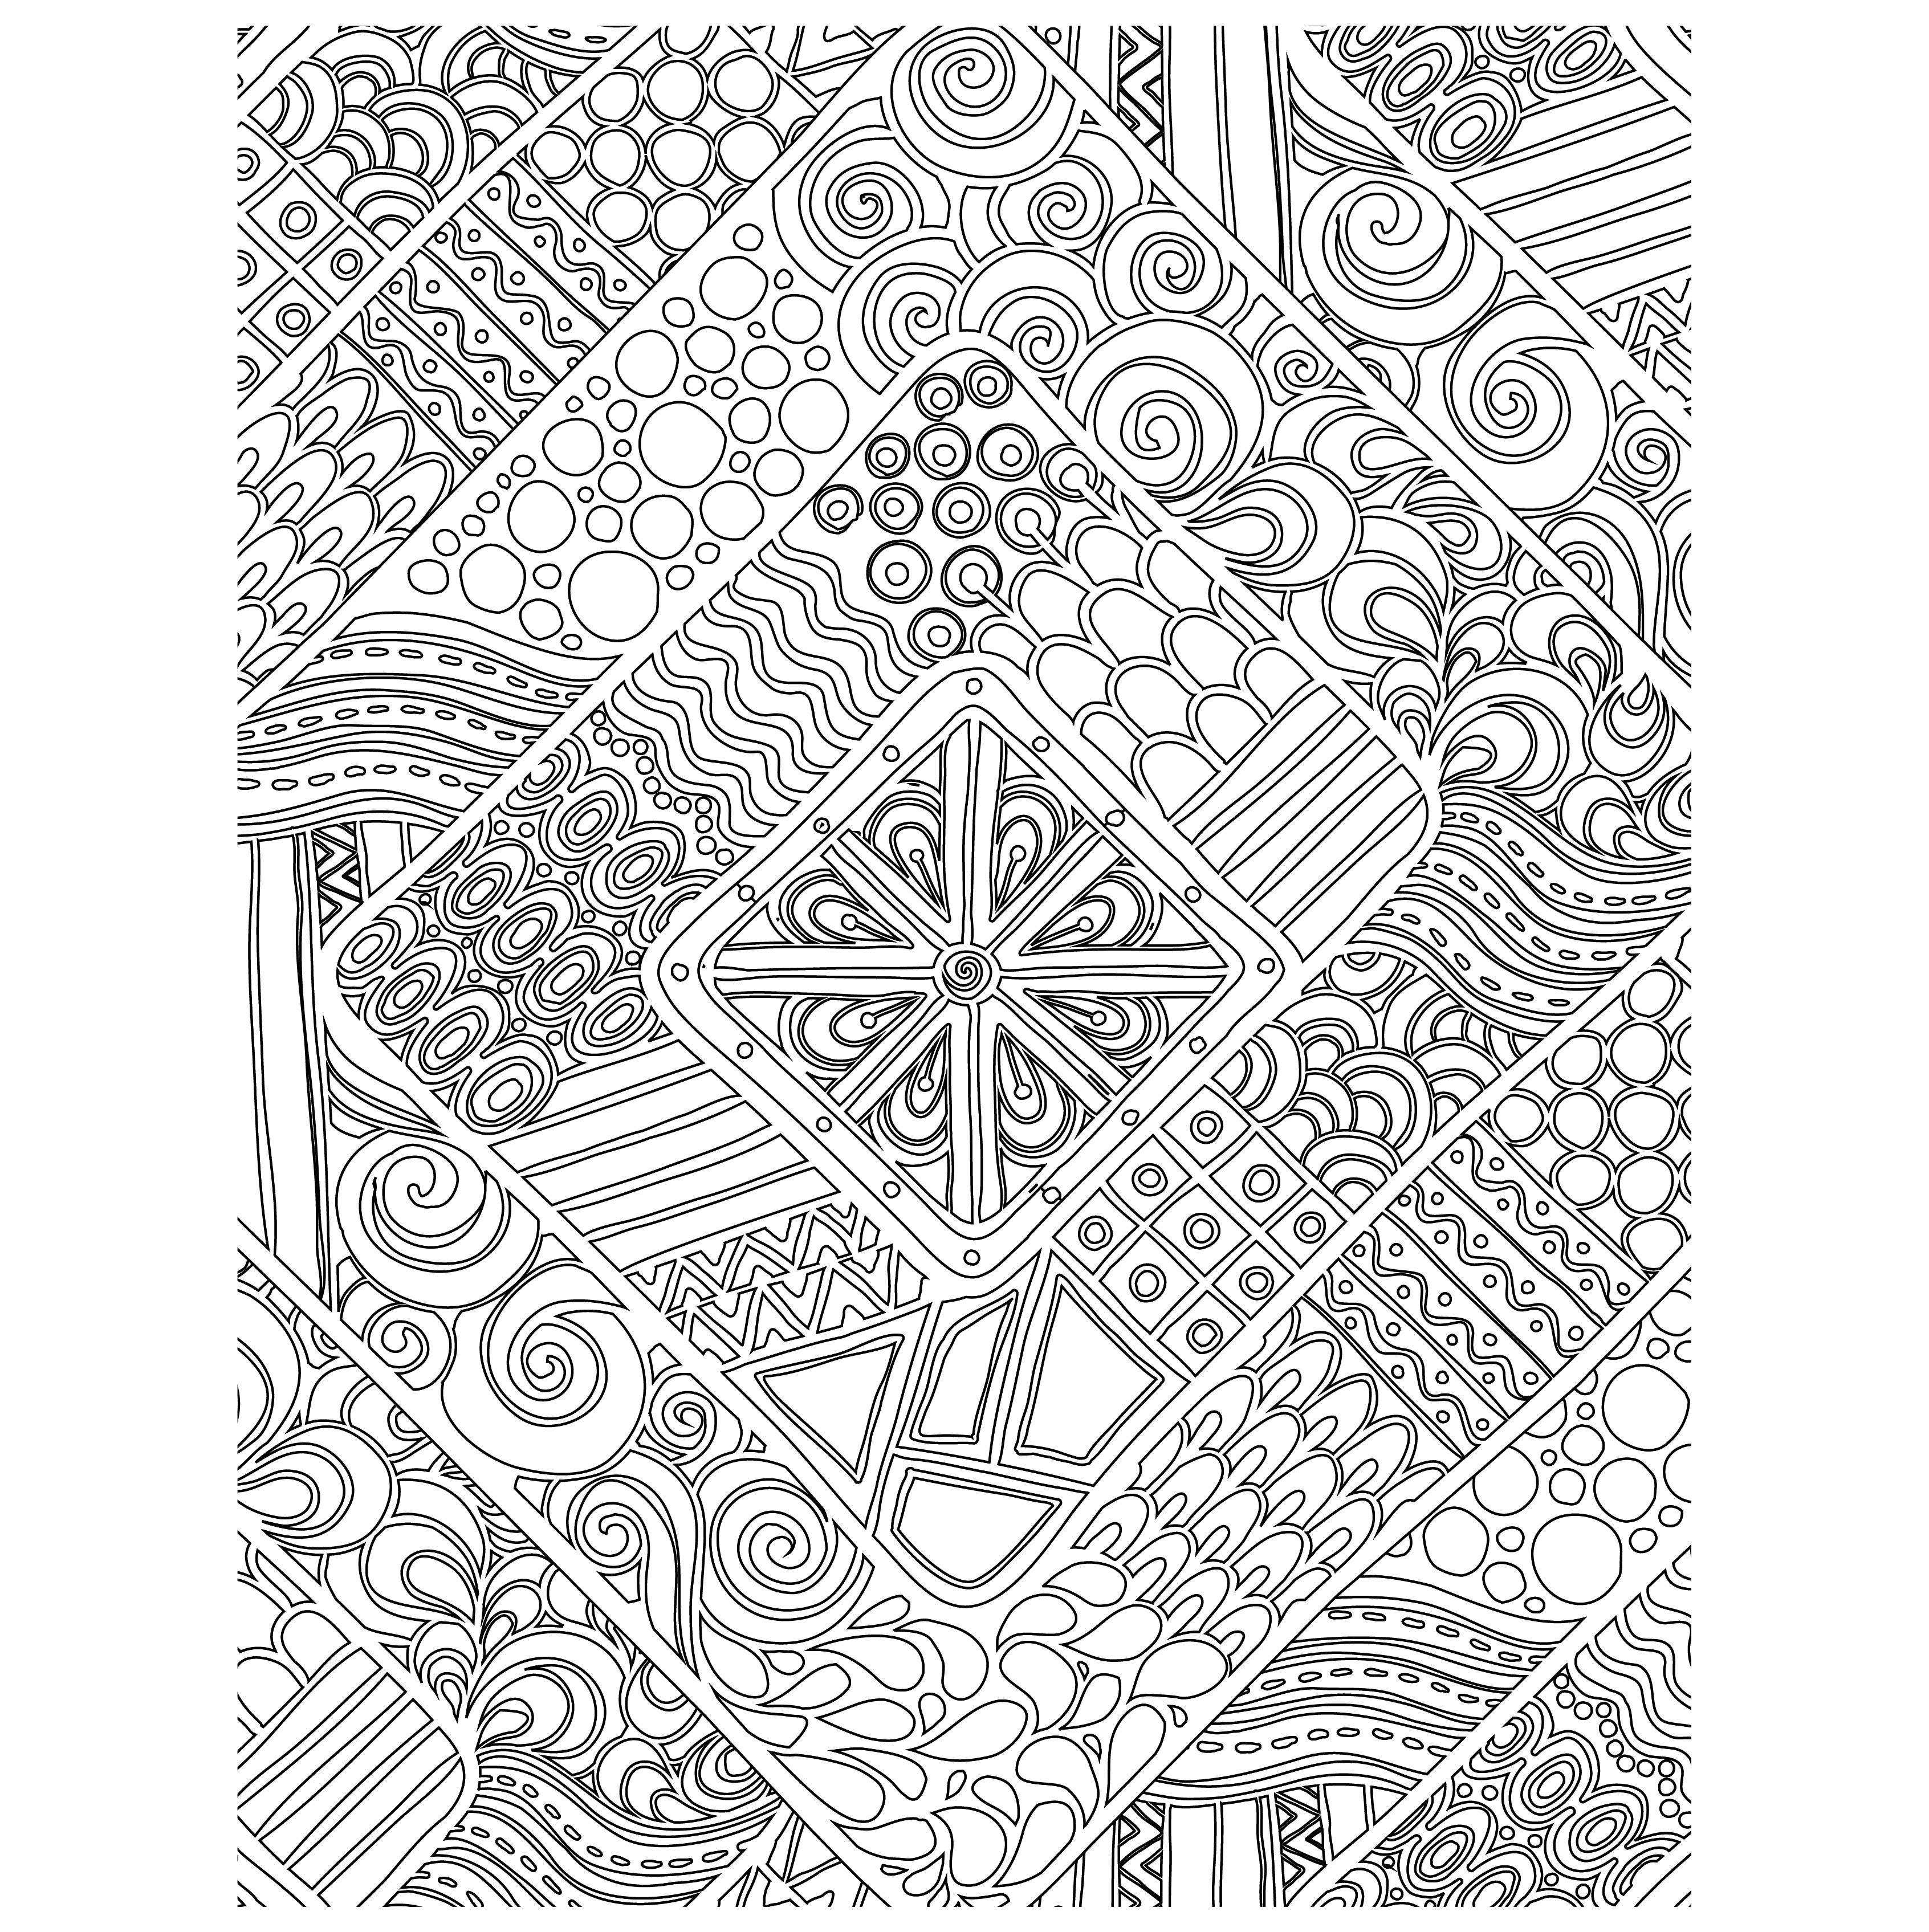 coloriage gratuit doodle g om trique. Black Bedroom Furniture Sets. Home Design Ideas